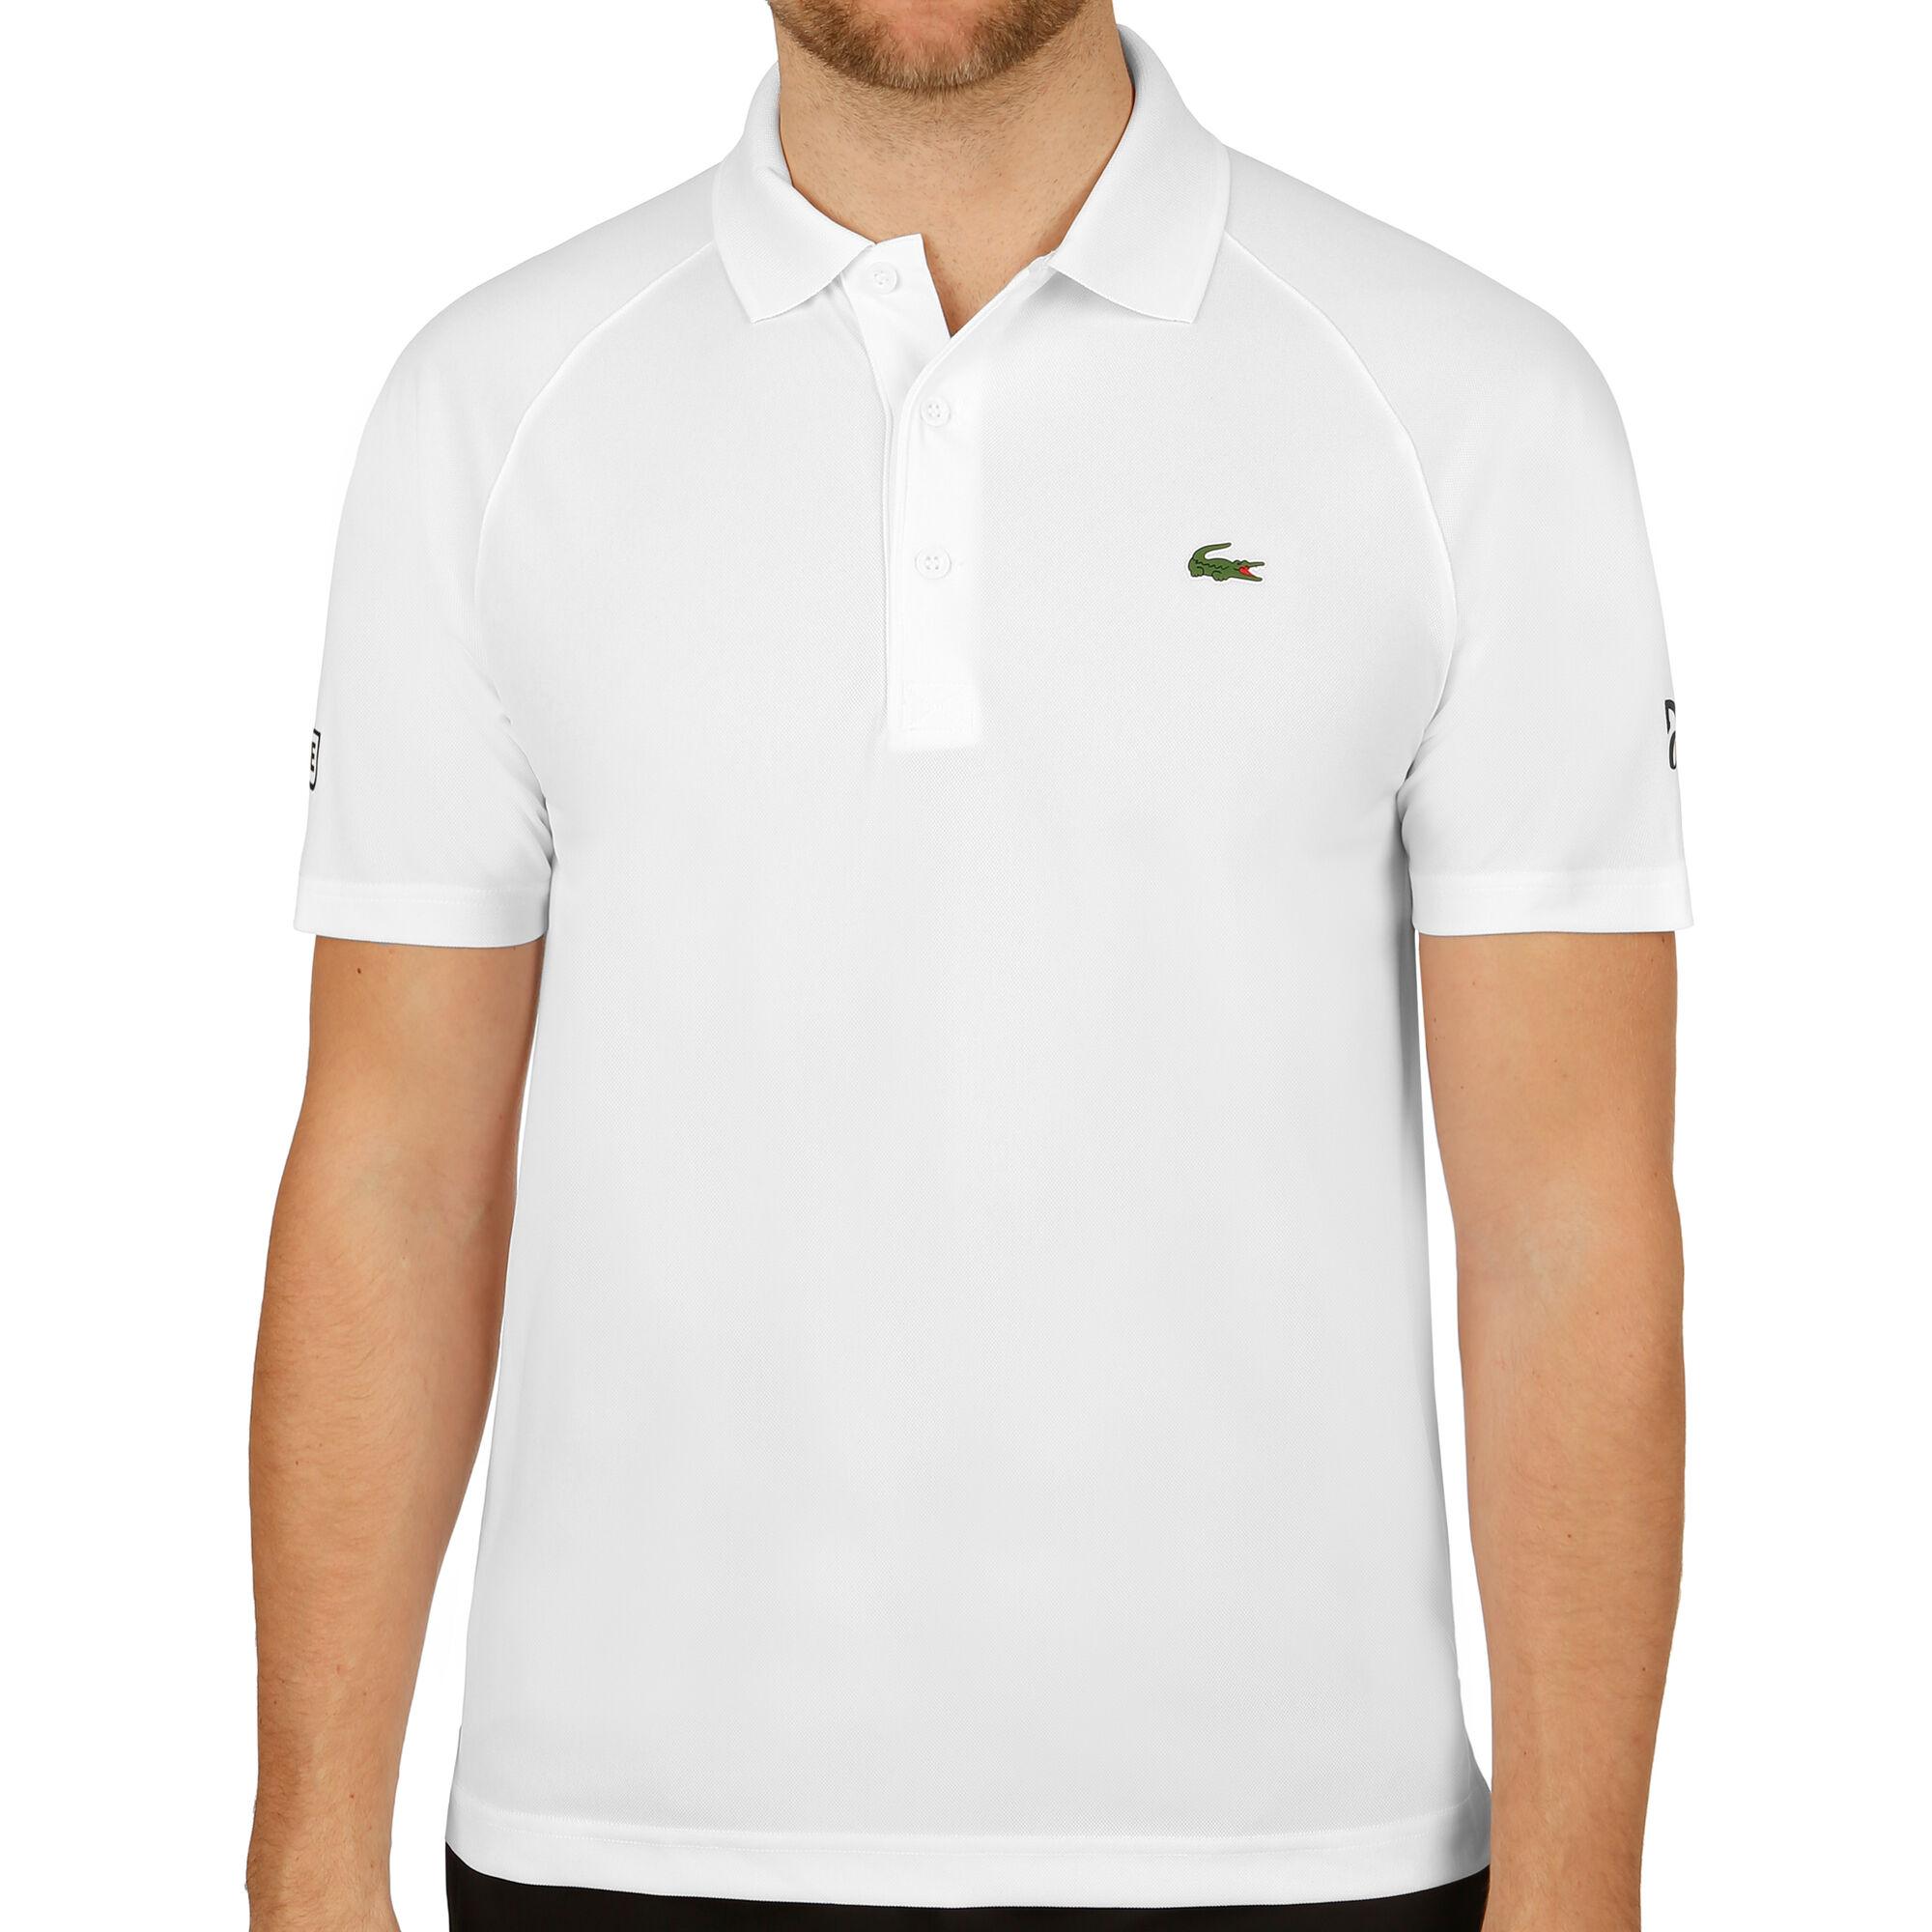 bc25b7b812 Lacoste Novak Djokovic Ribbed Collar Pólo Muži - Bílá